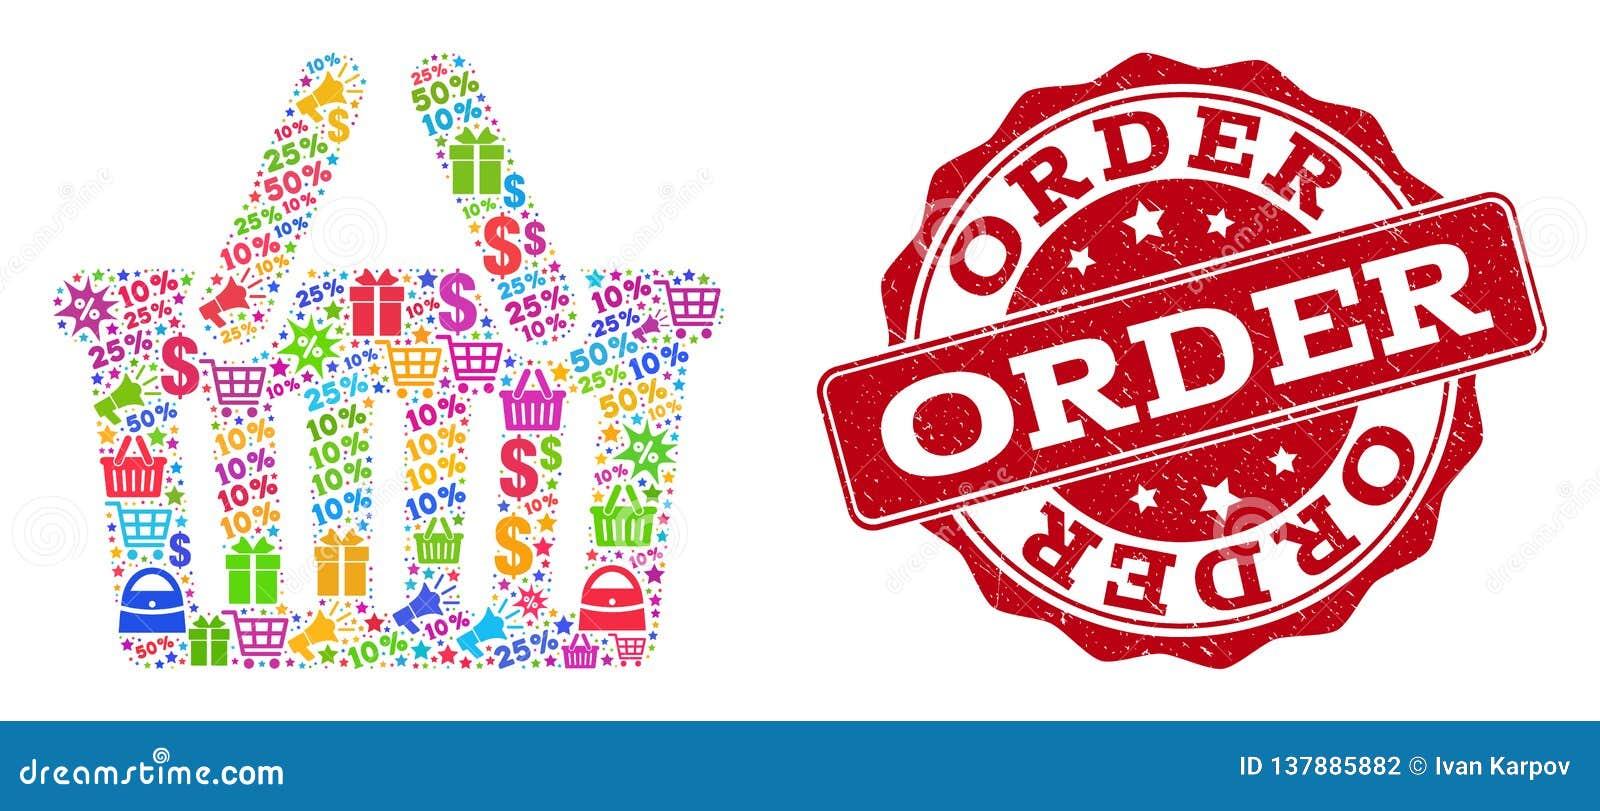 Коллаж корзины для товаров мозаики и текстурированное уплотнение для продаж